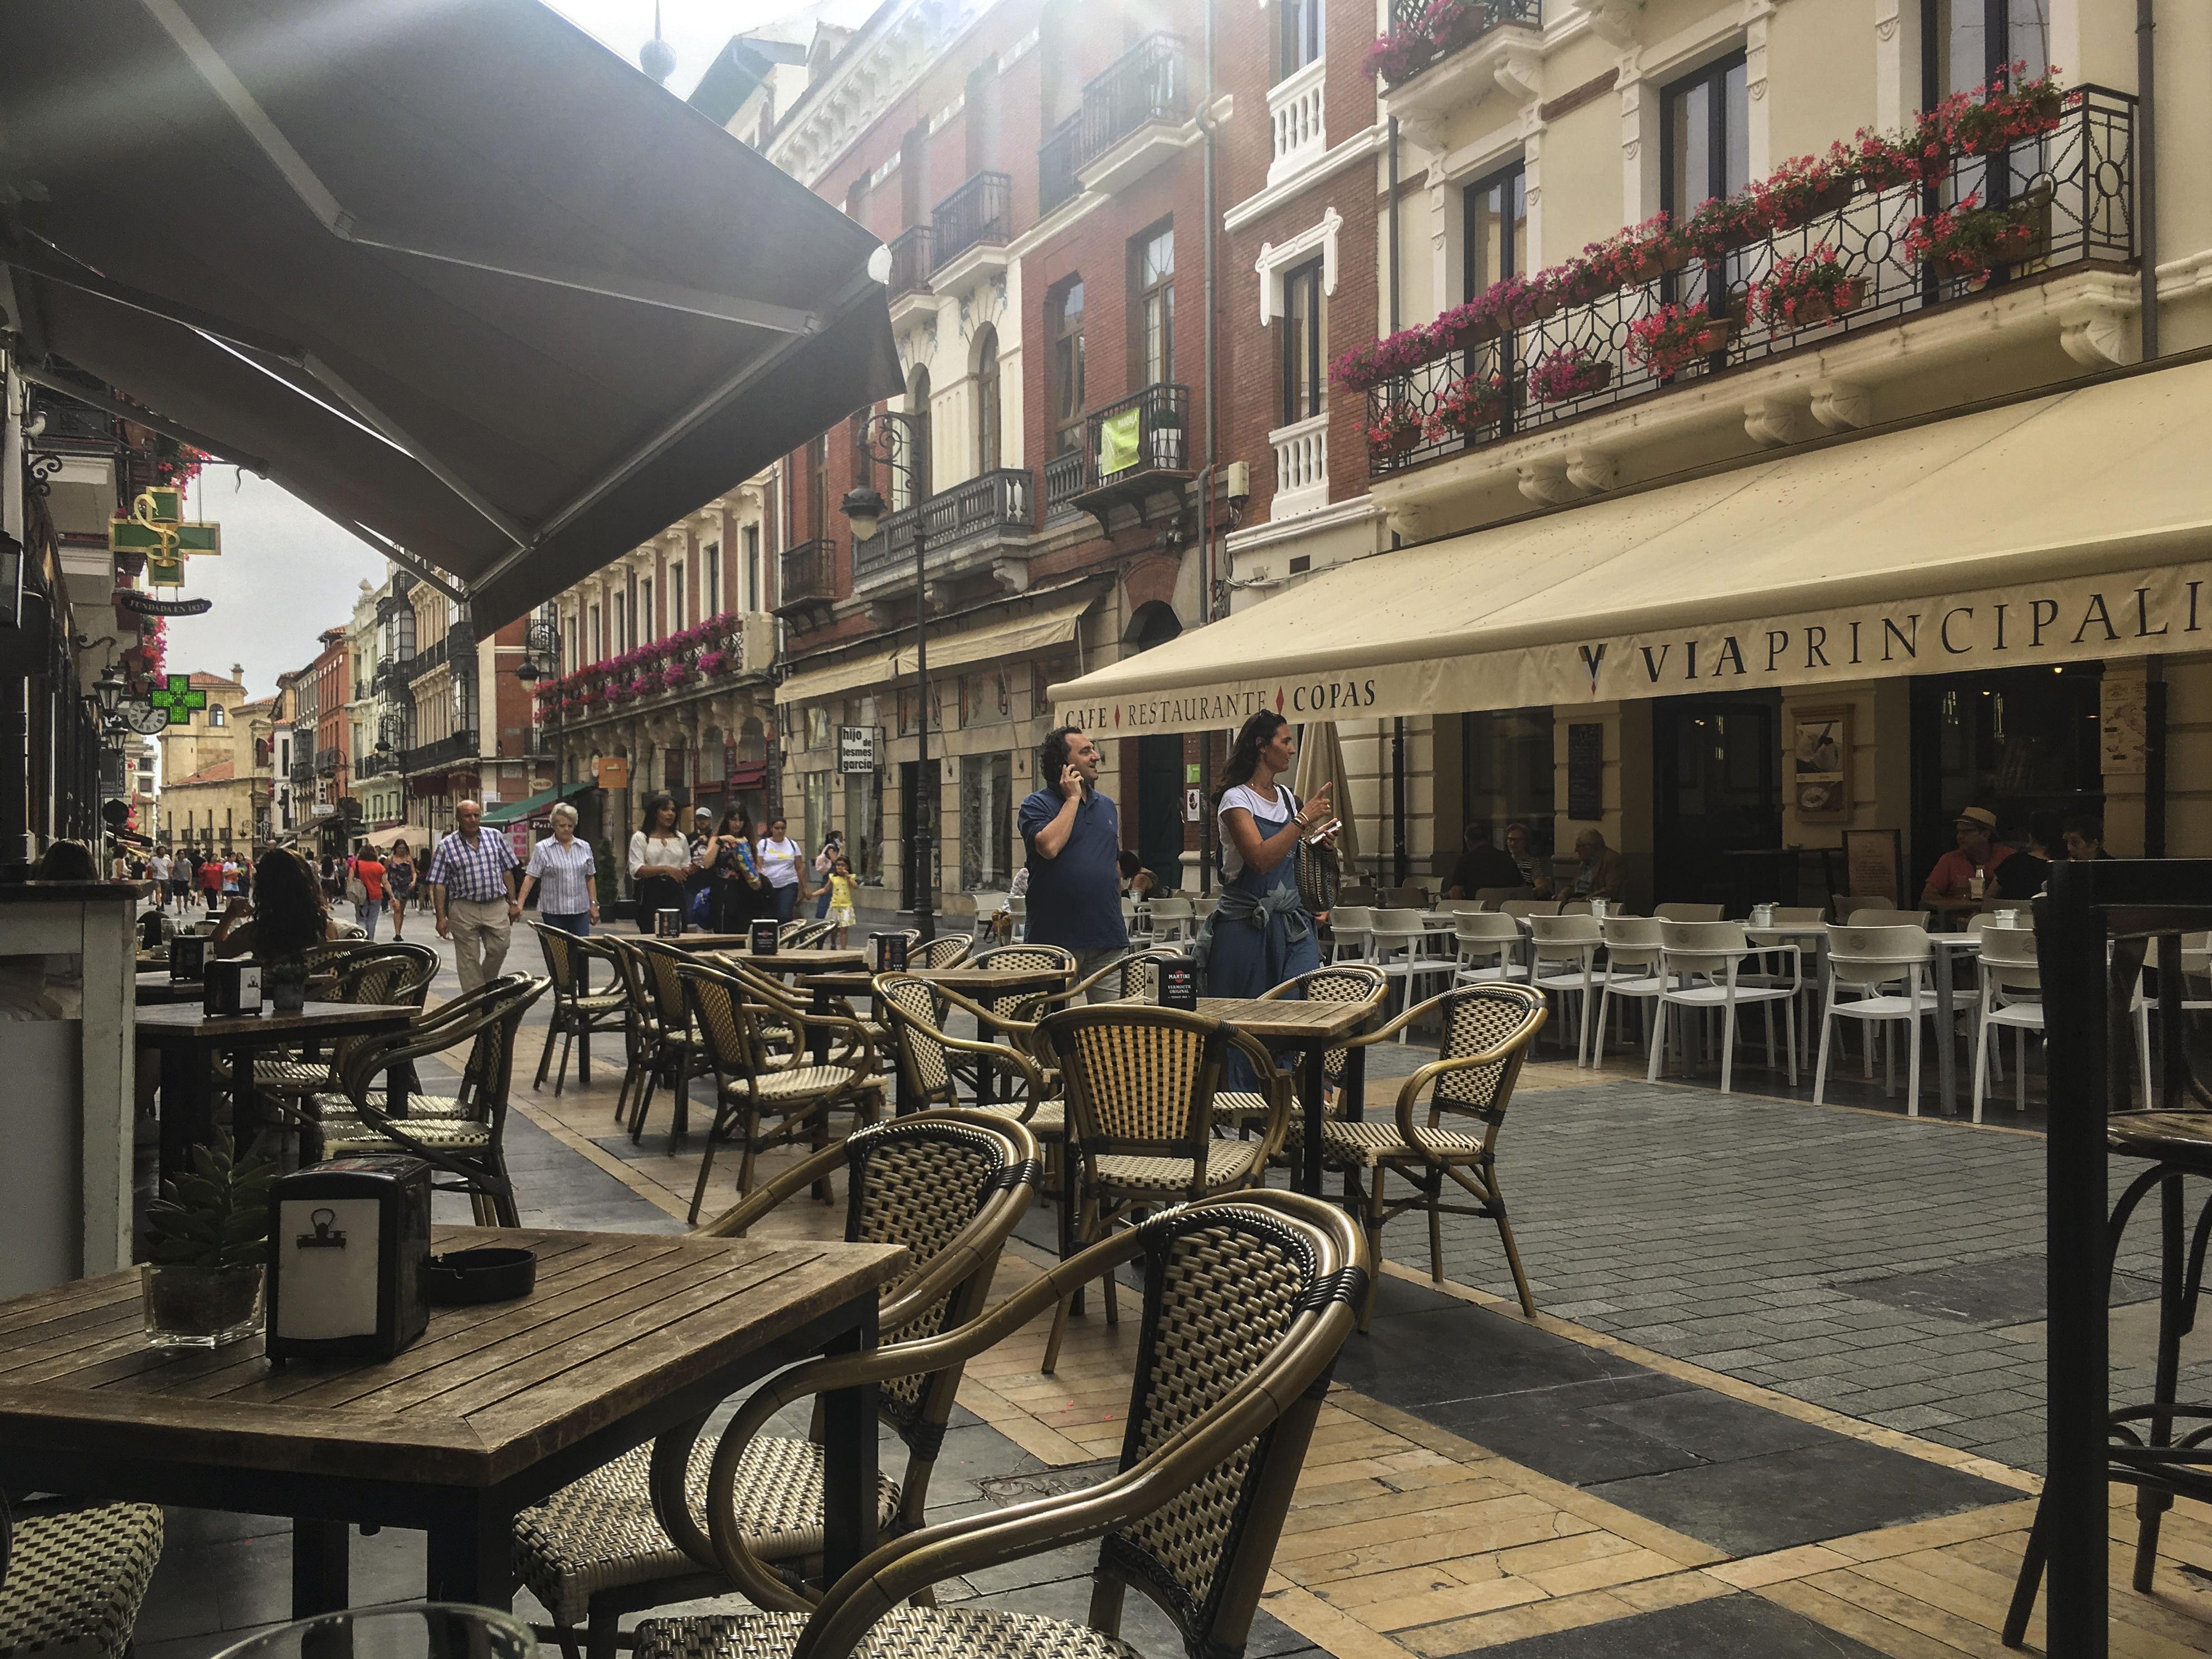 Street scene in León